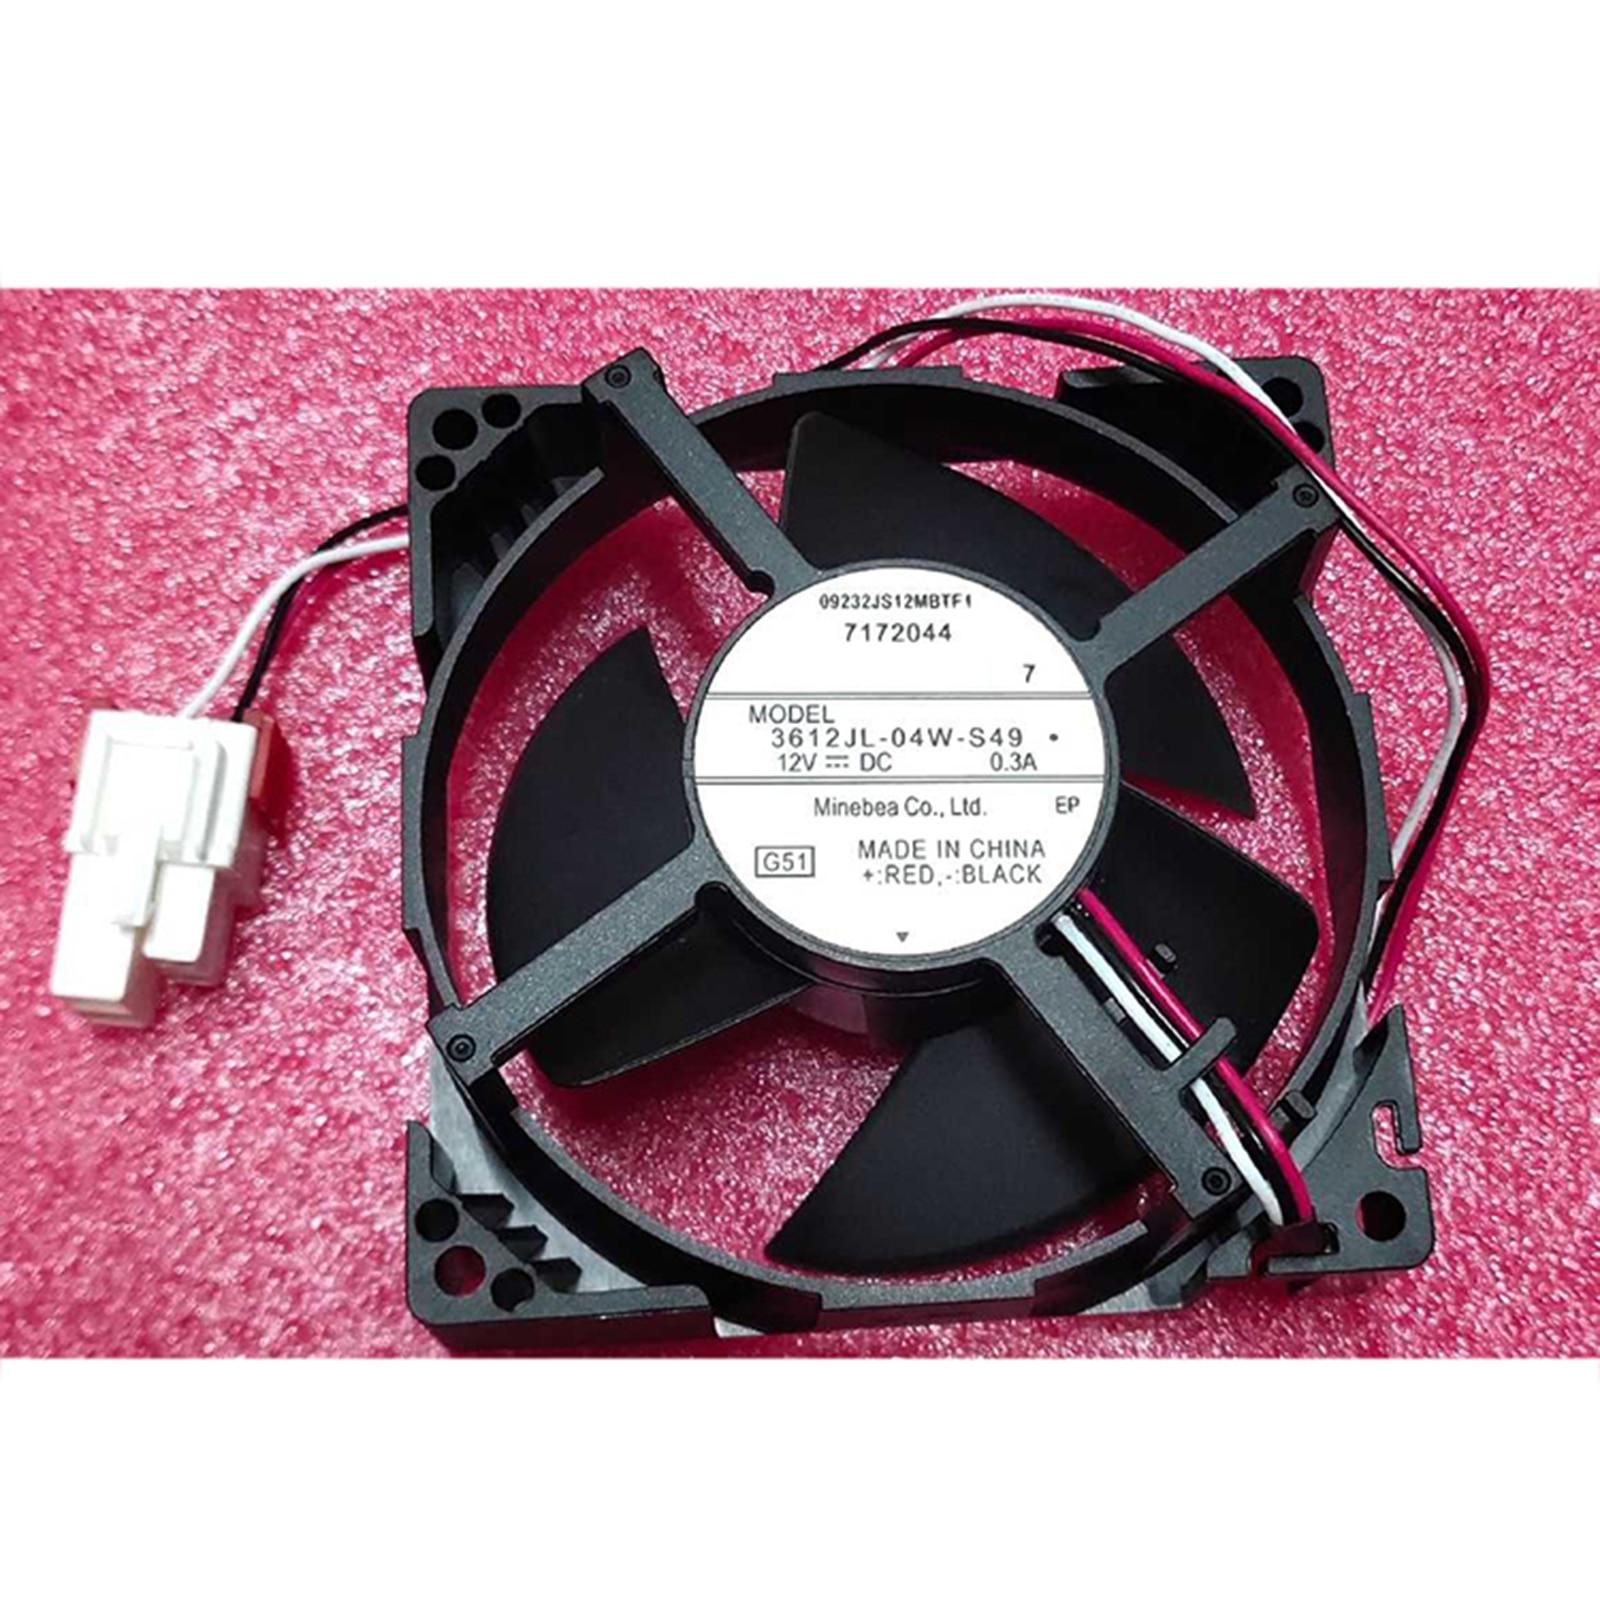 لسامسونج الثلاجة التبريد مروحة NMB-MAT 3612JL-04W-S49 12V 0.3A 9.2 سنتيمتر لسامسونج الاكسسوارات الثلاجة